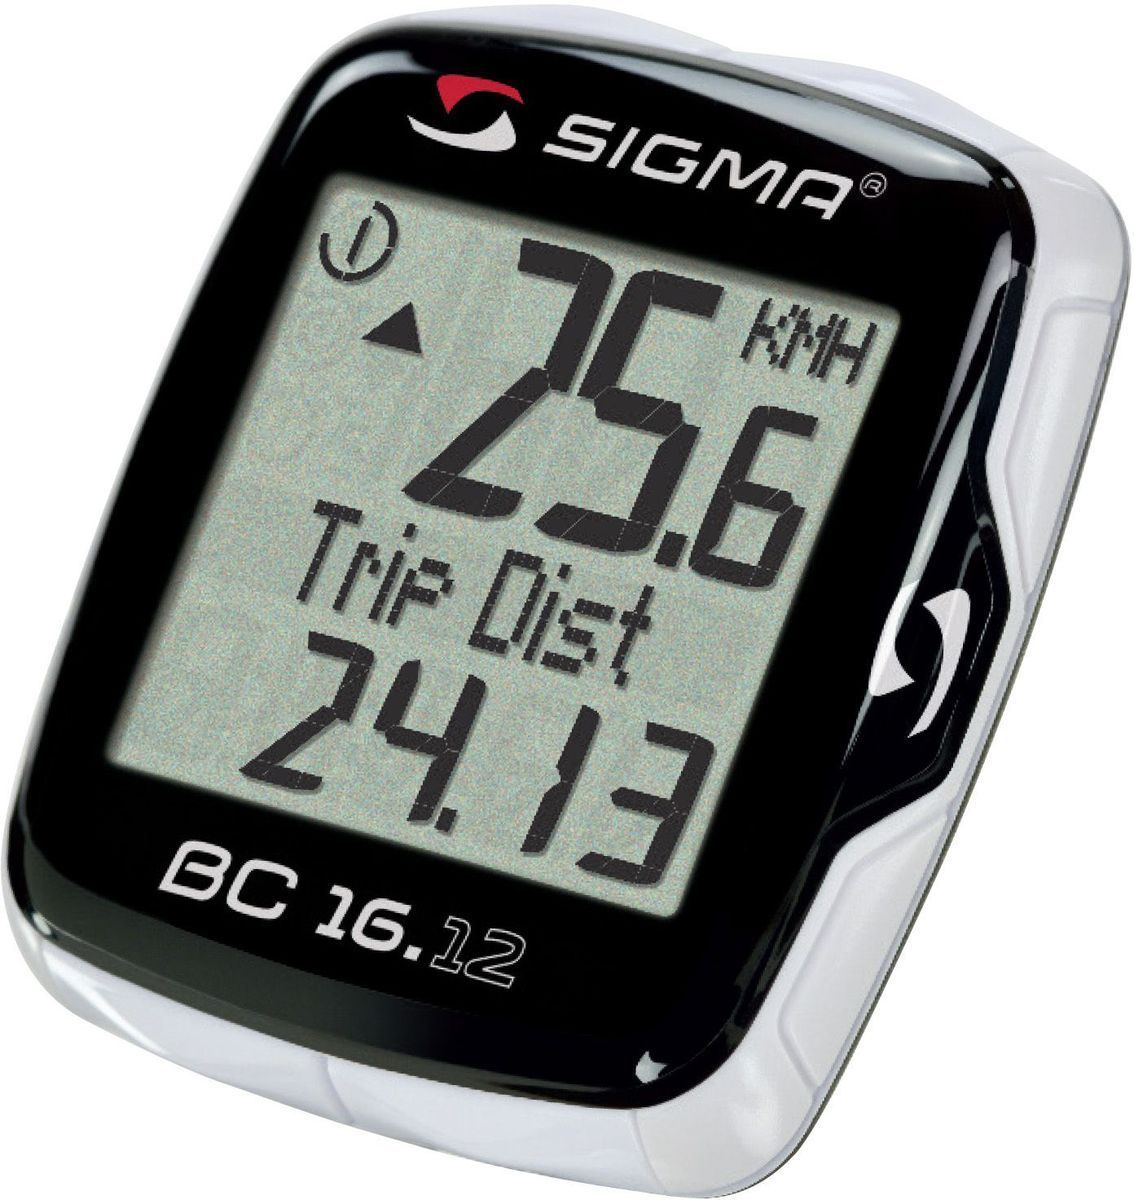 Велокомпьютер Sigma BC 16.12 Тopline 16 функцийZ90 blackФункции: текущая скорость средняя скорость максимальная скорость сравнение текущей и максимальной скоростей дистанция поездки общий путь для 1 / 2 / 1+2 велосипедов (не показывается во время движения) отдельный счетчик пути с ручным включением/выключением время в пути общее время 1 / 2 / 1+2 велосипедов (не показывается во время движения) отдельный счетчик времени с ручным включением/выключением часы таймер обратного отсчета текущая температураС этой моделью возможно использование каденса (докупается отдельно) Автоматическое включение/выключение при езде и остановке Влагозащищен Подсветка Сохранение данных при замене батарейки Индикатор разряда батареи компьютера и датчика Есть возможность подключения к компьютеру с помощью дополнительных аксессуаров